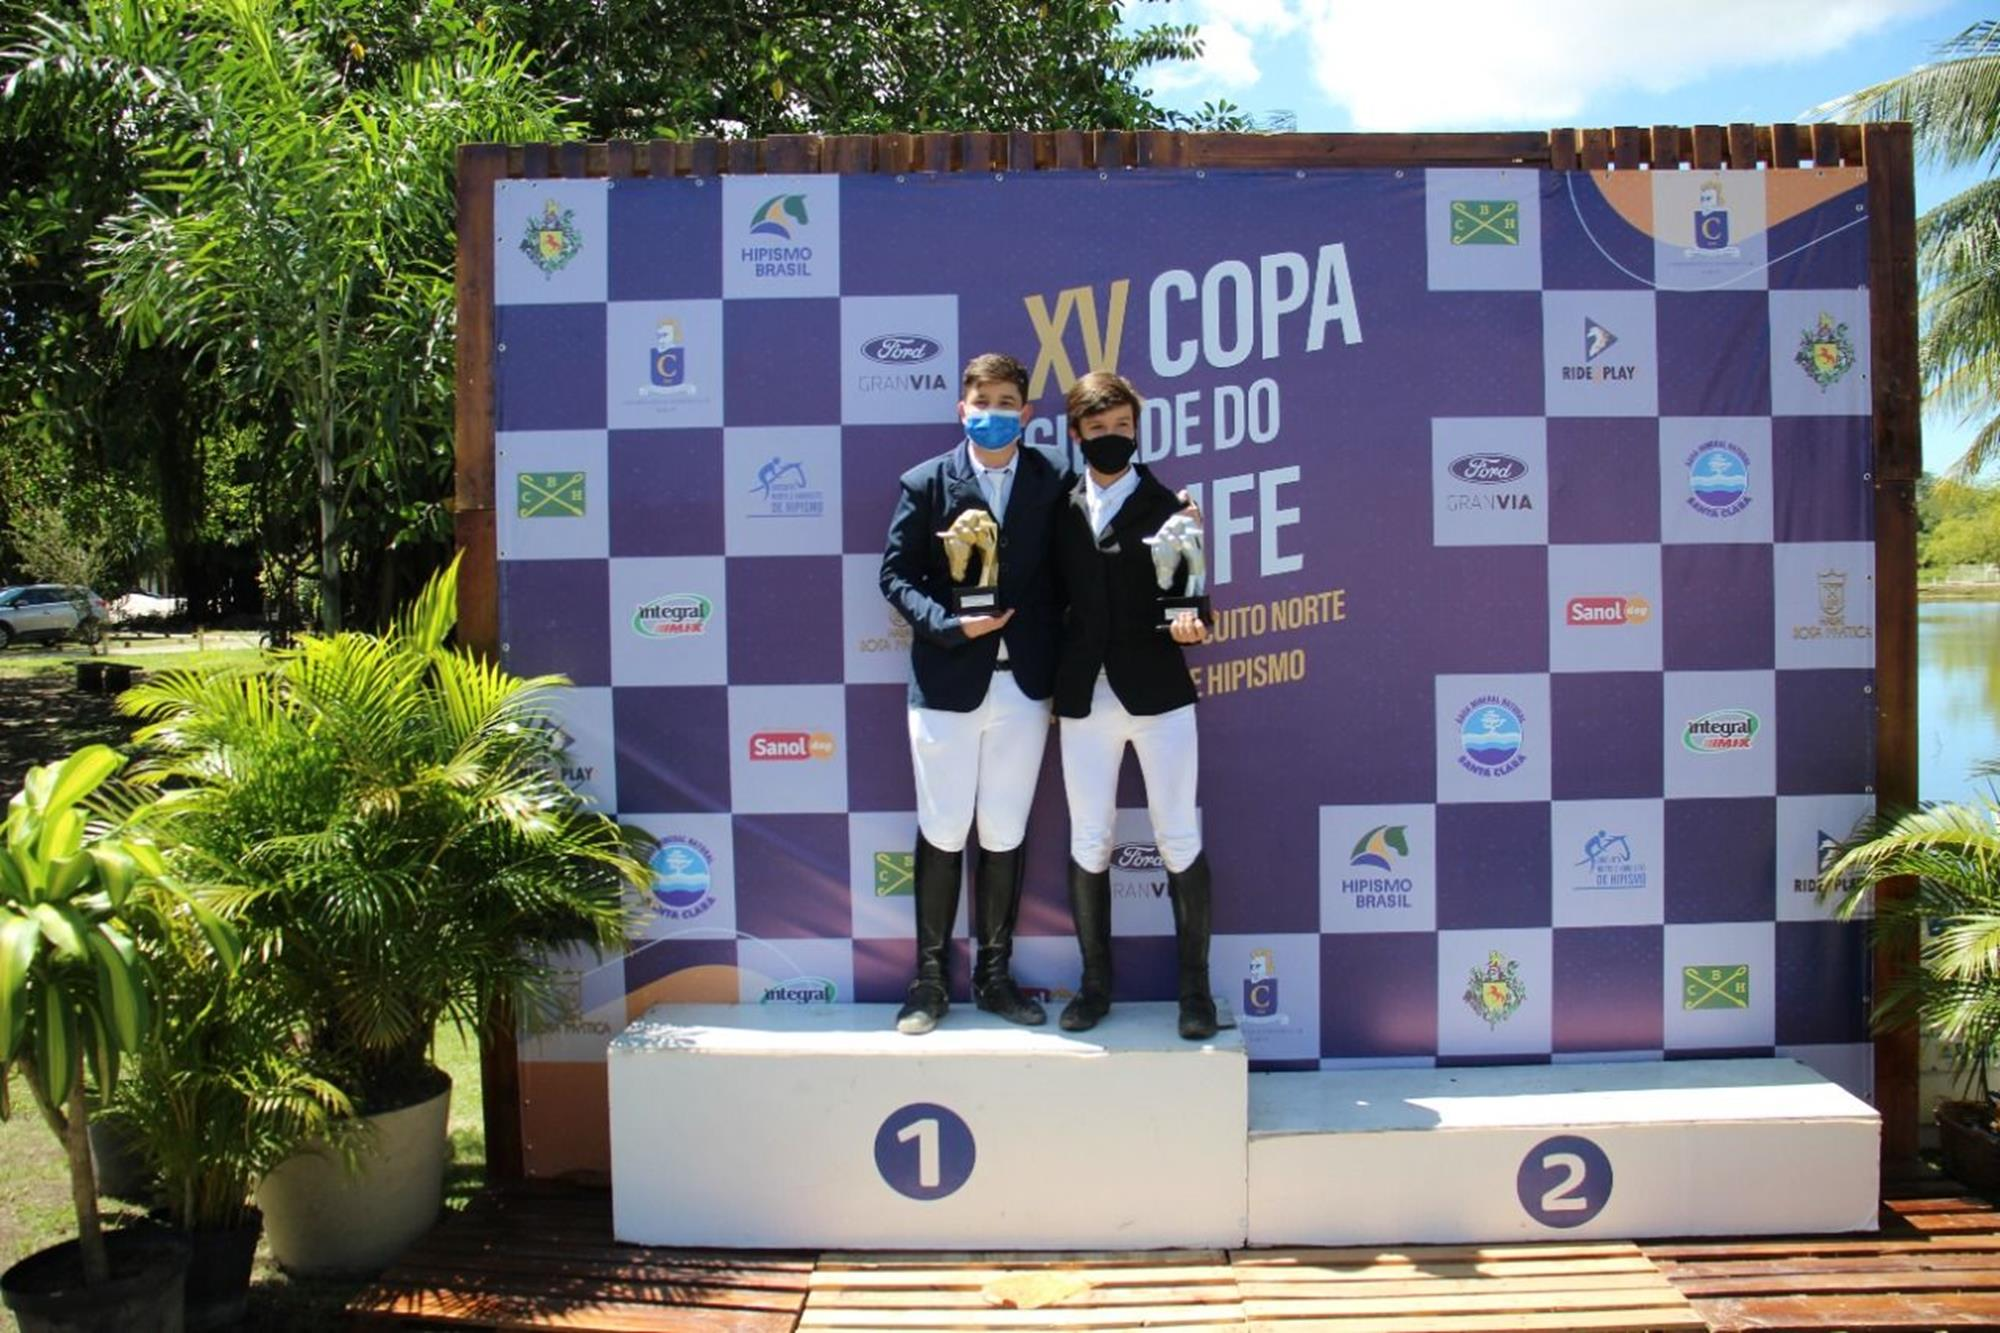 II Etapa do Circuito Norte e Nordeste reúne 180 conjuntos em Recife